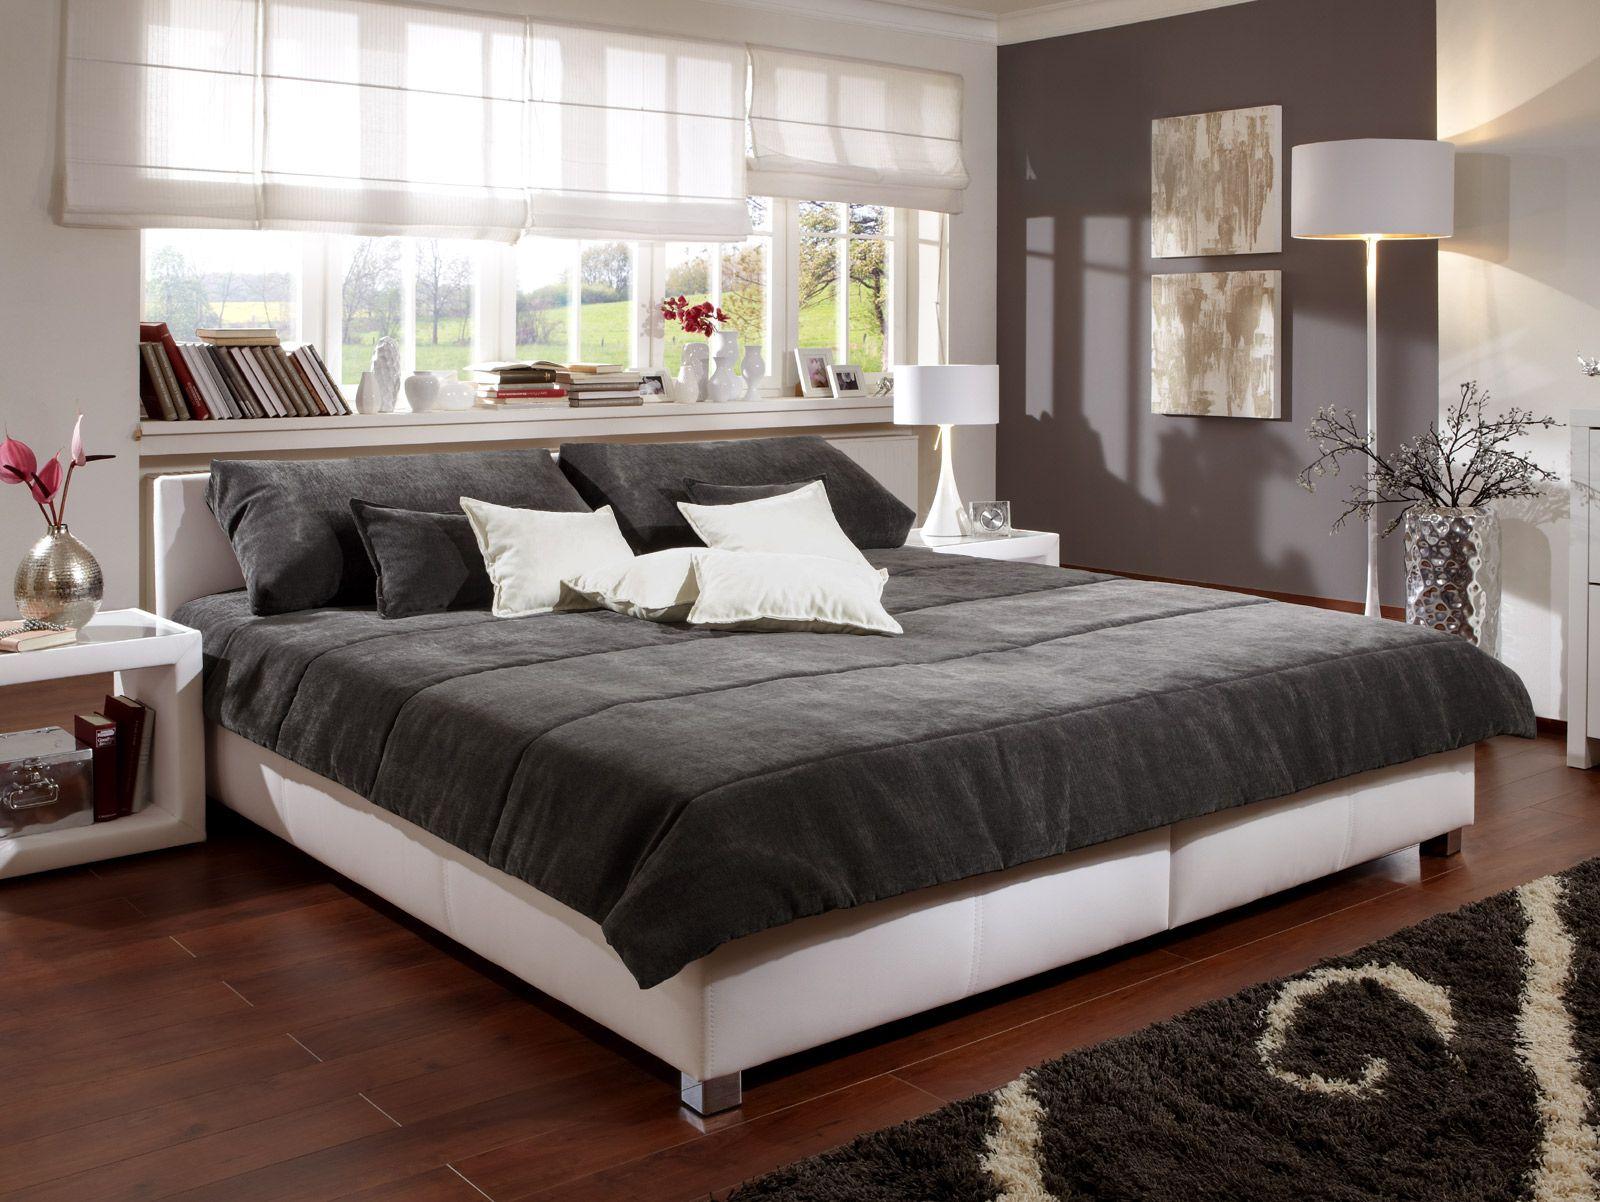 Nett schlafzimmer polsterbett | Deutsche Deko | Pinterest